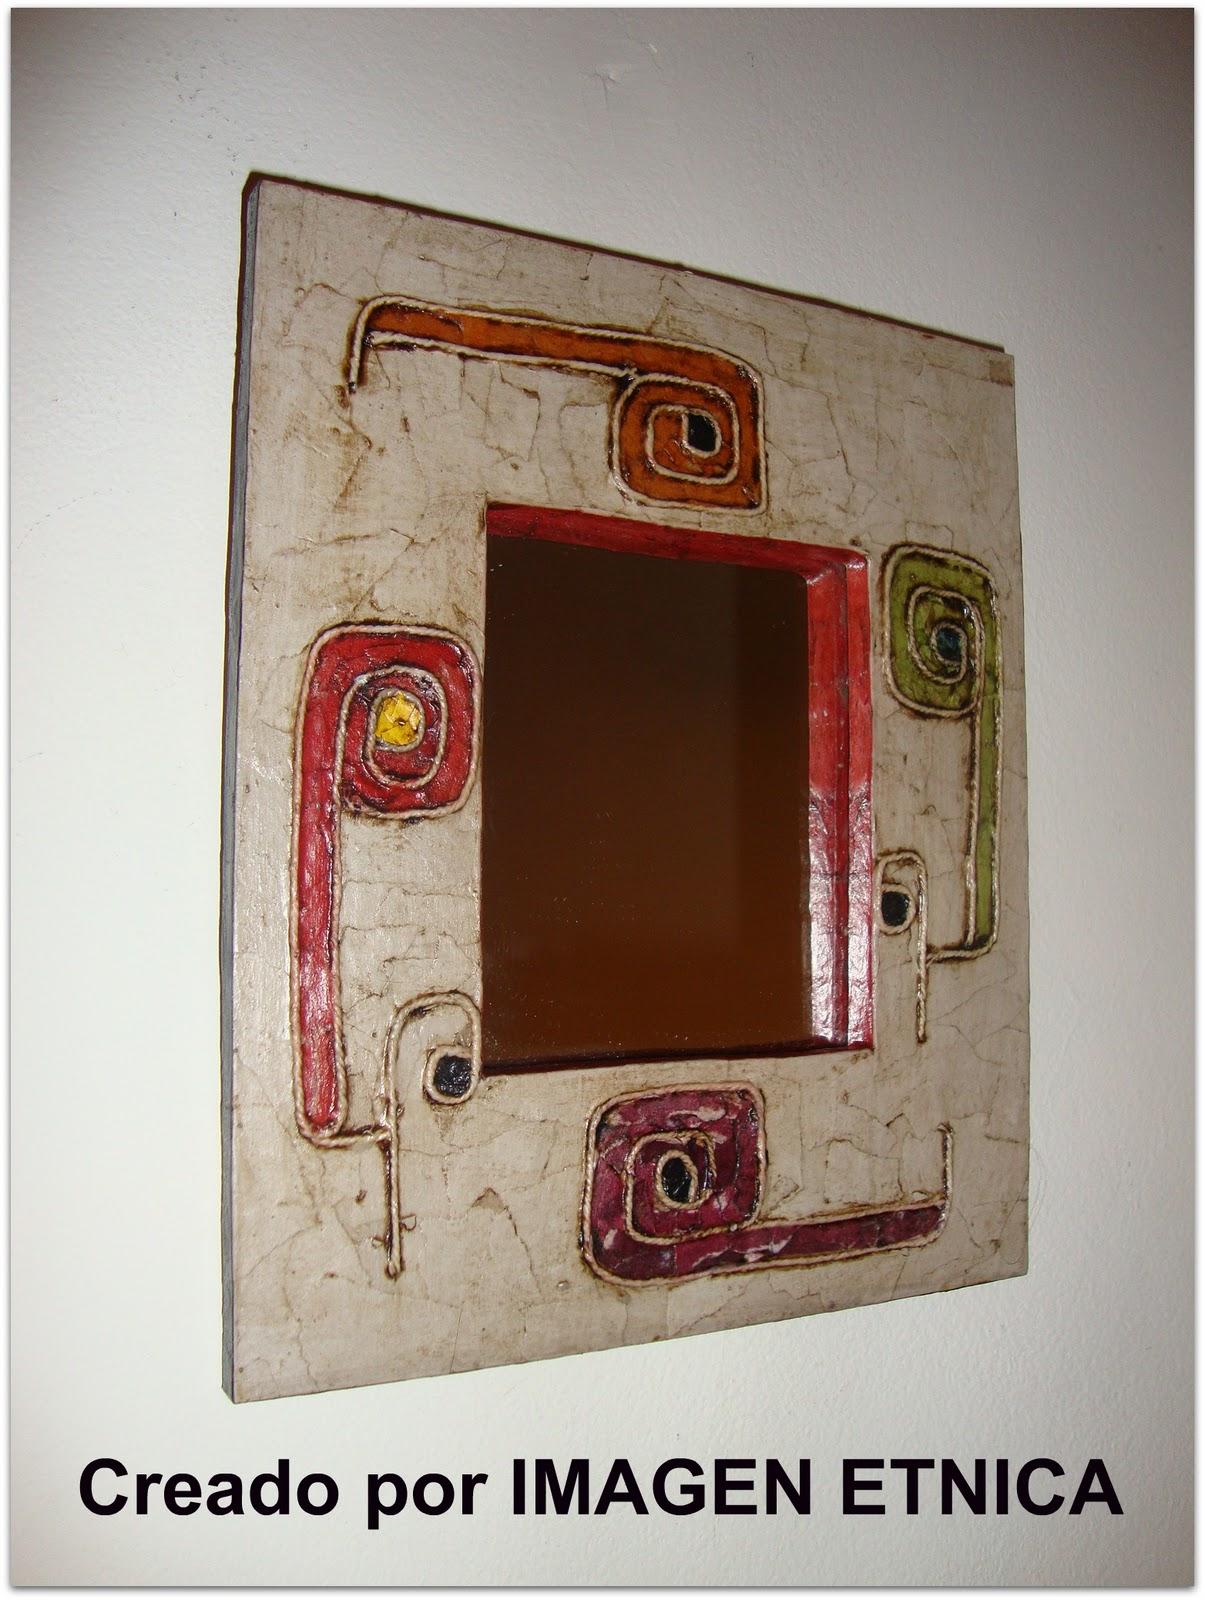 Imagen tnica artesan a latinoamericana arte en espejos y m s dise os tnicos - Espejos etnicos ...